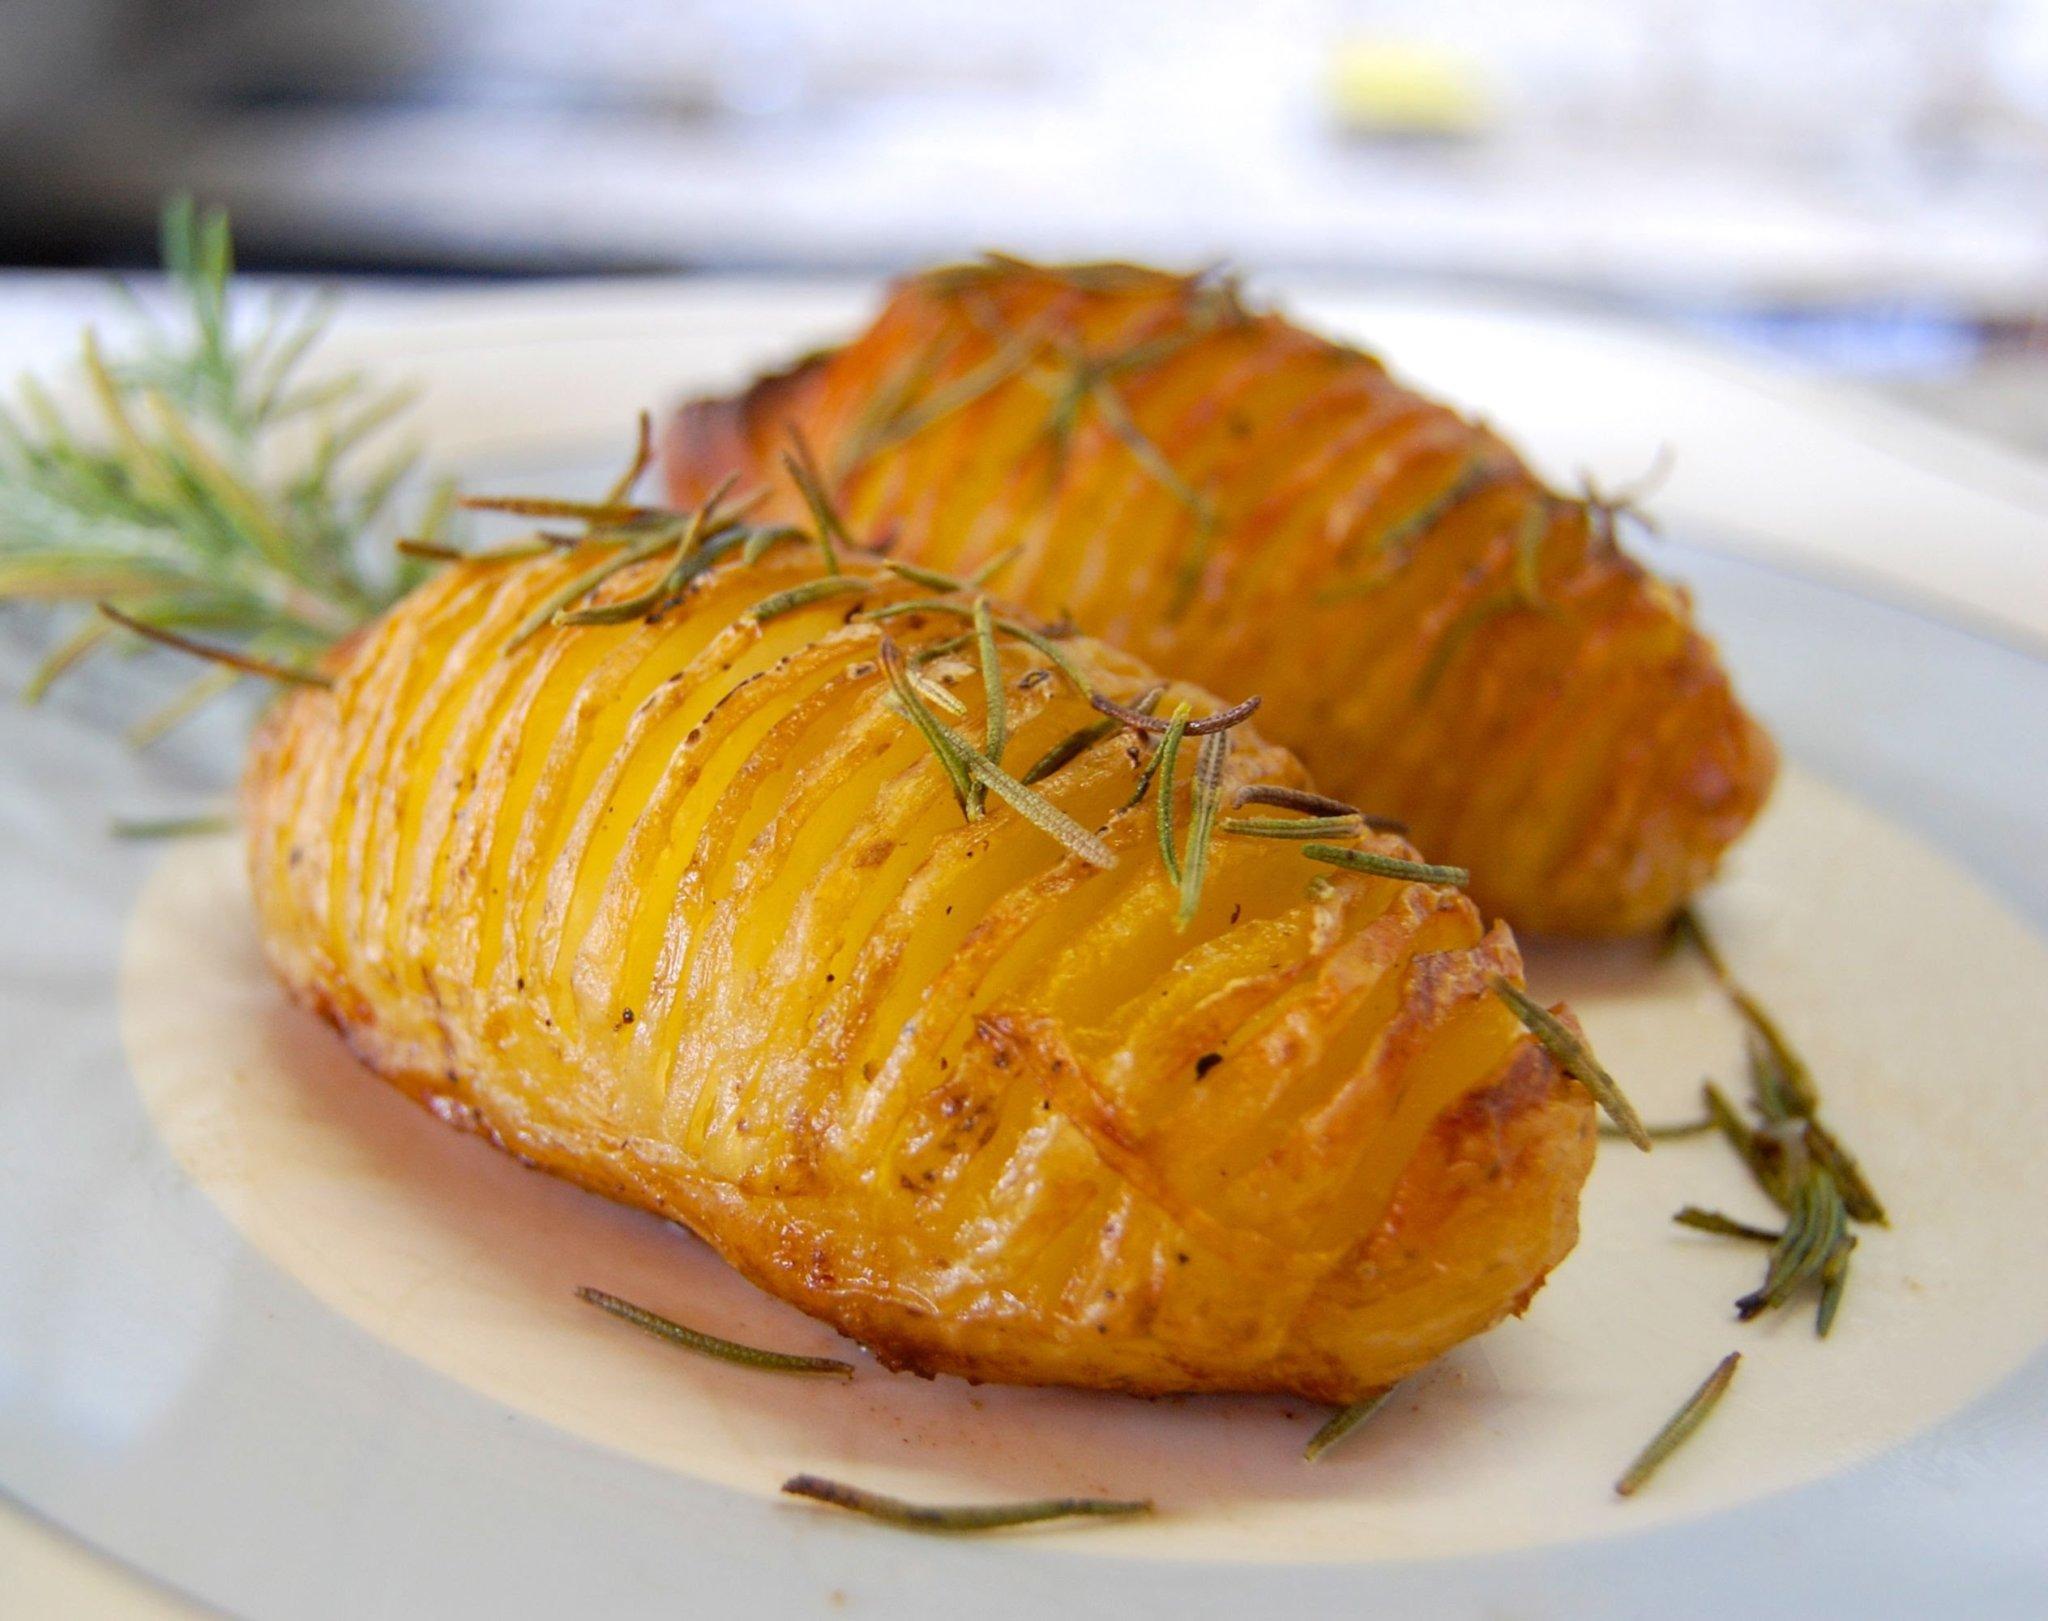 Batata-doce assada no forno 1